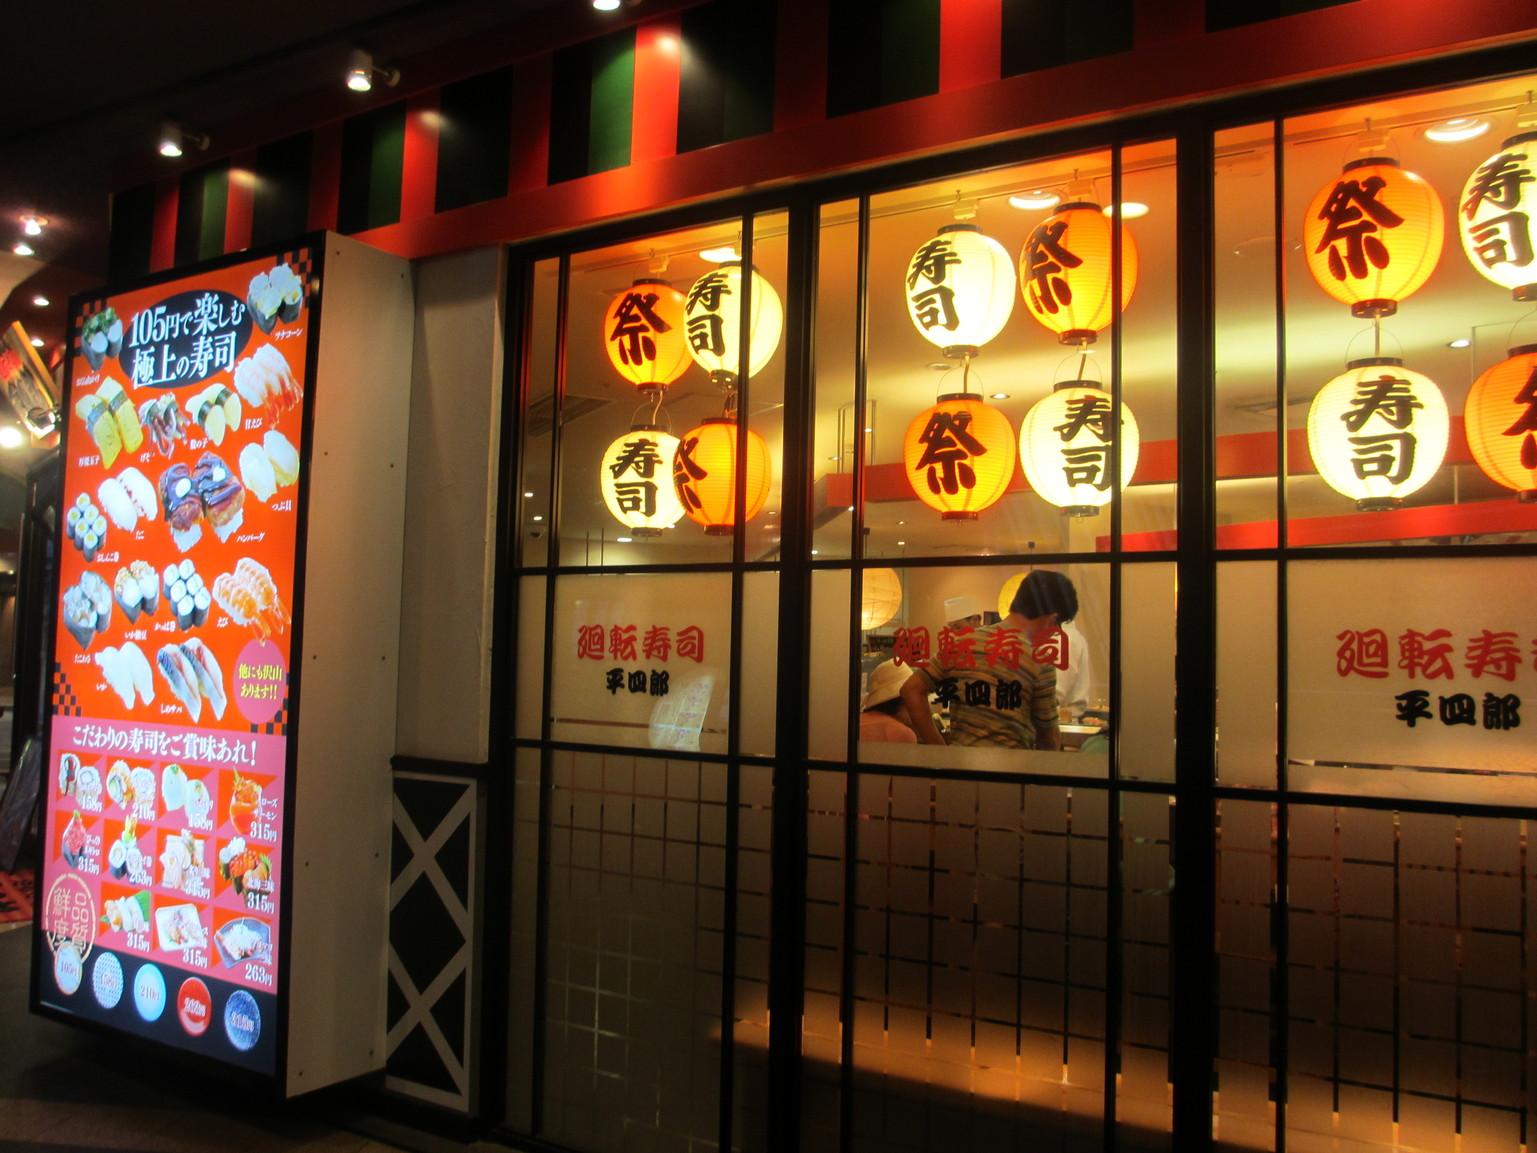 平四郎 キャナルシティ店